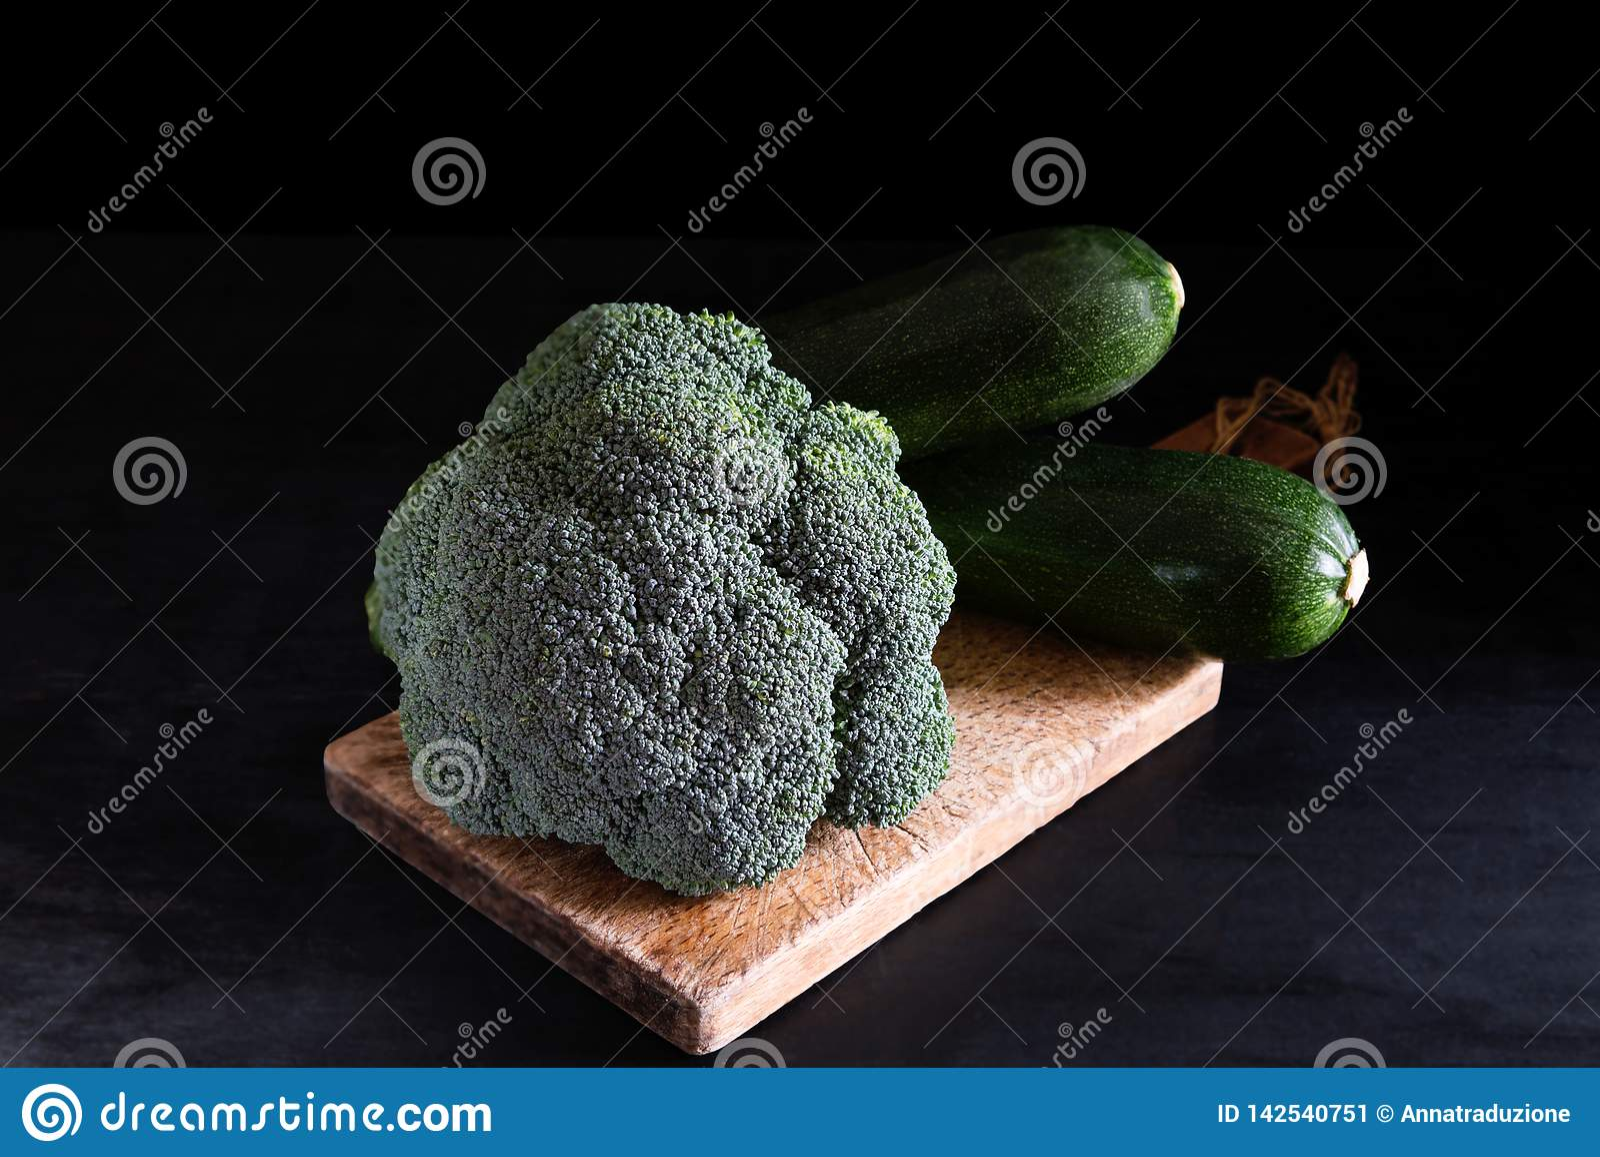 Fresh broccoli and zucchini on a cutting board on a black background, rustic style, dark key. Healthy food